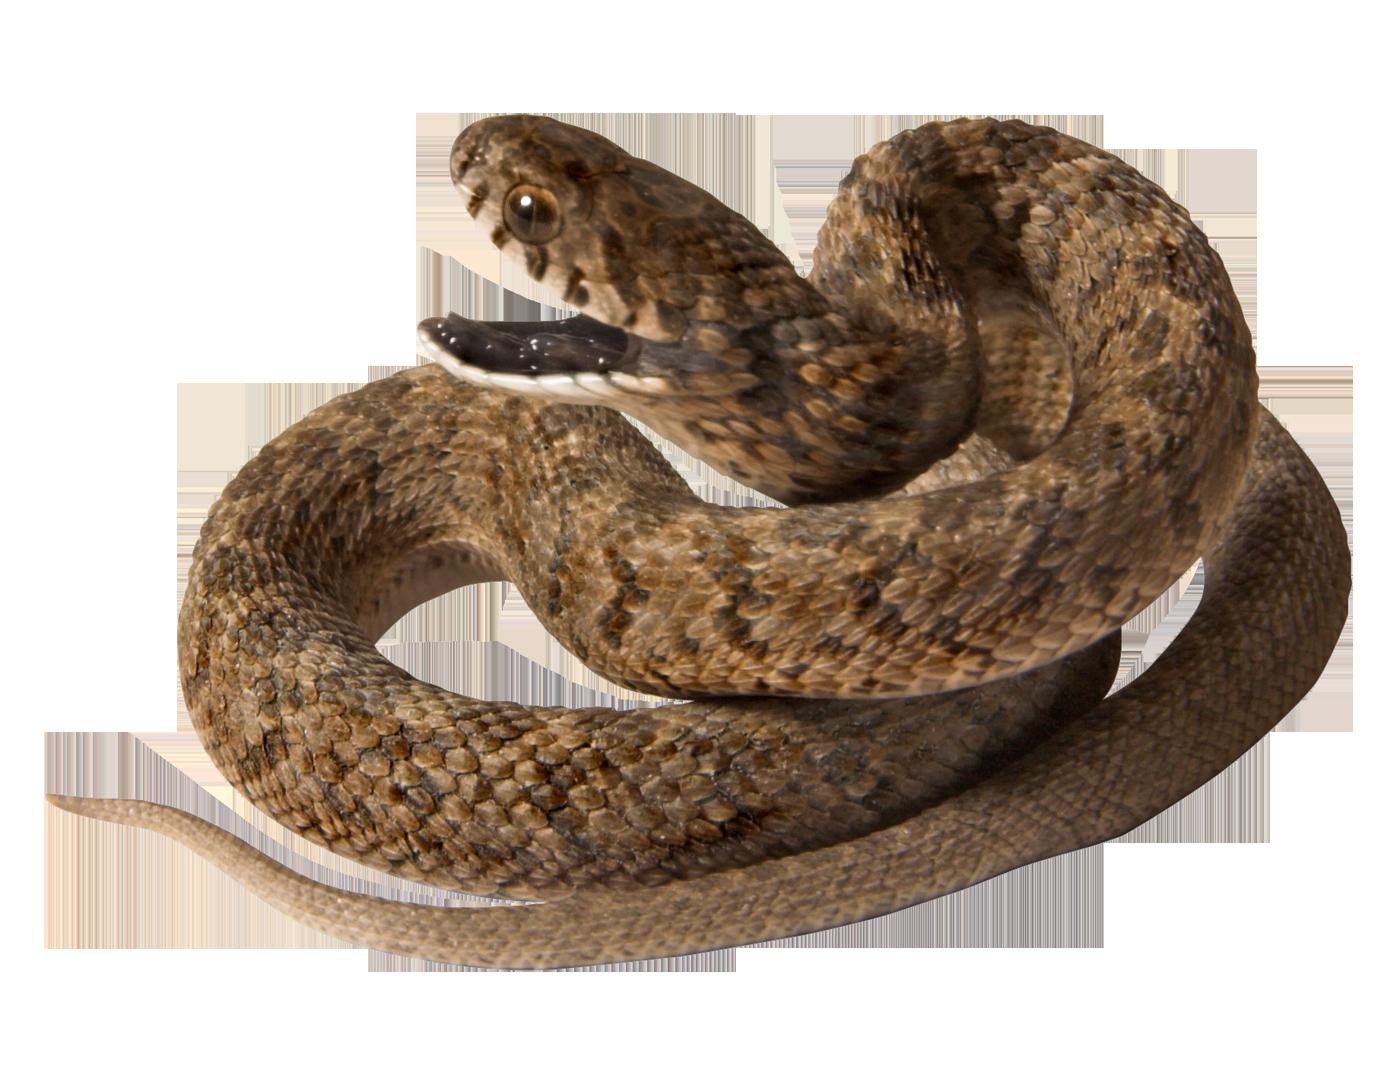 Png animal pinterest. Cobra clipart fierce snake